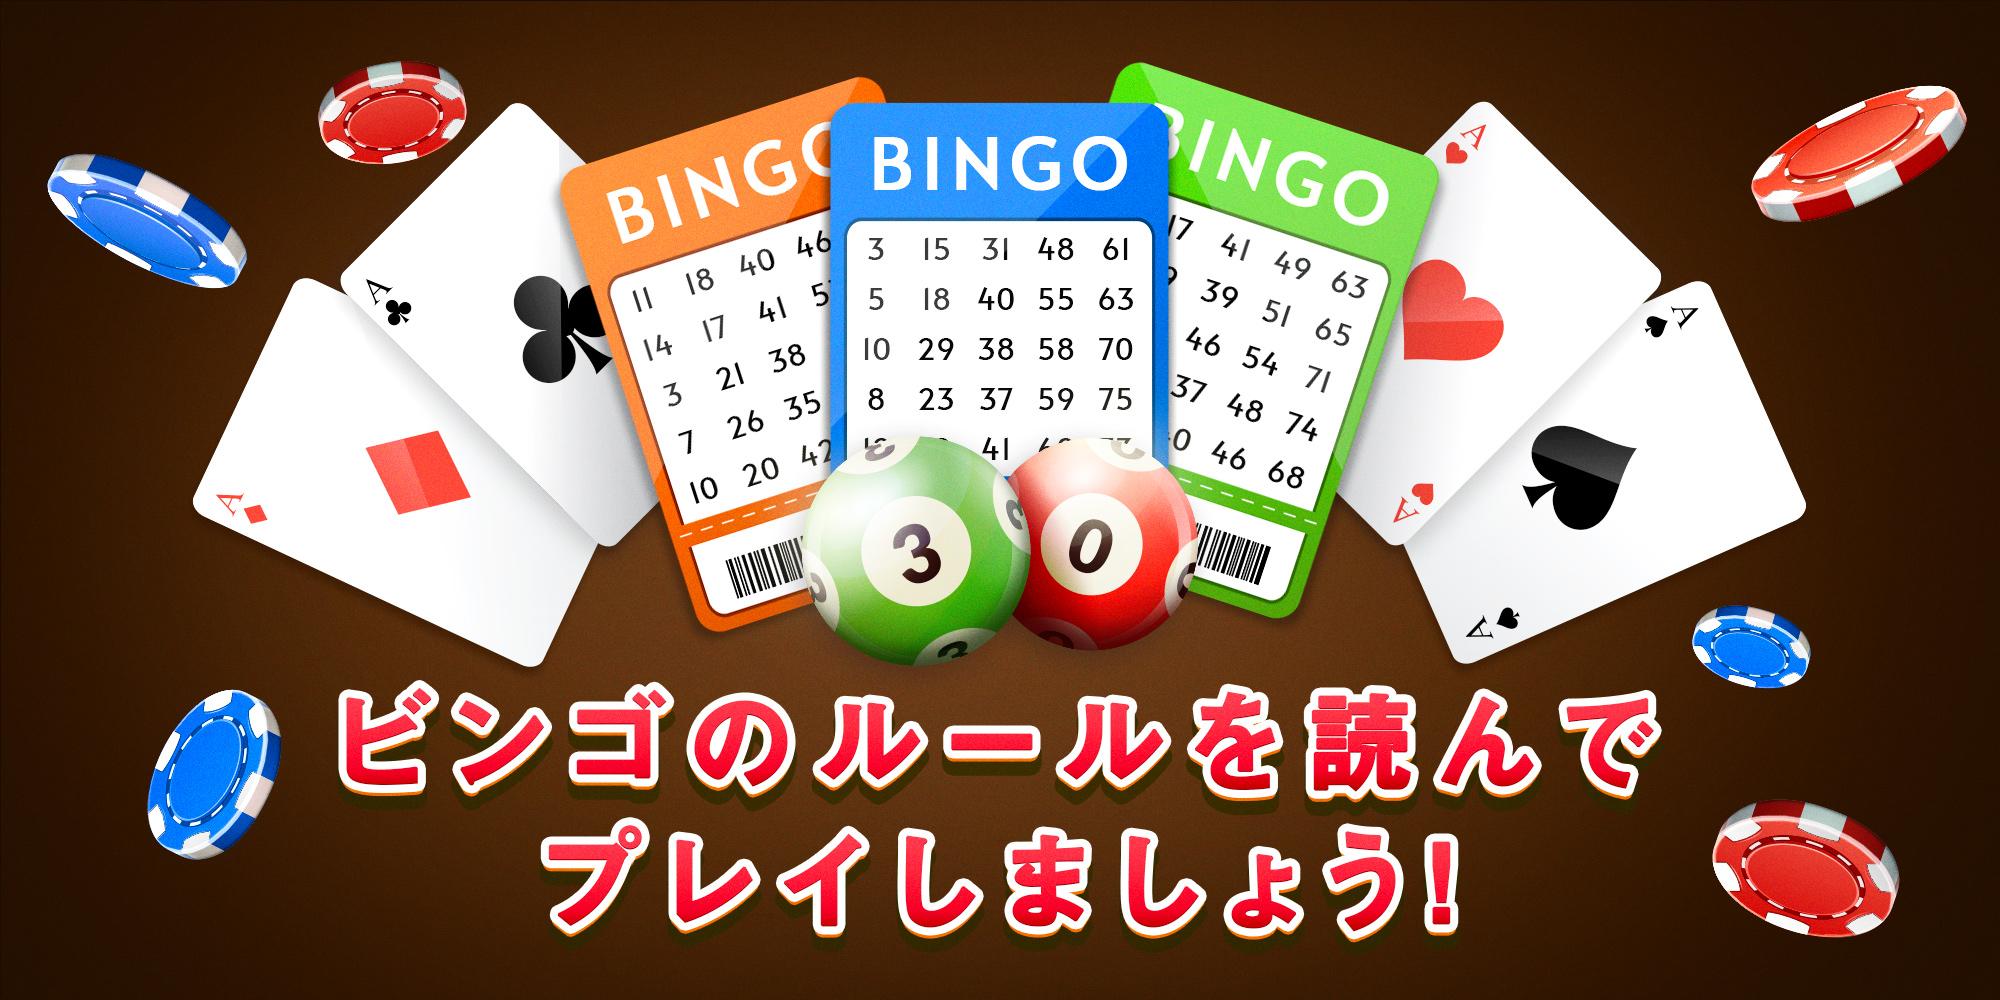 ビンゴ オンライン カジノ